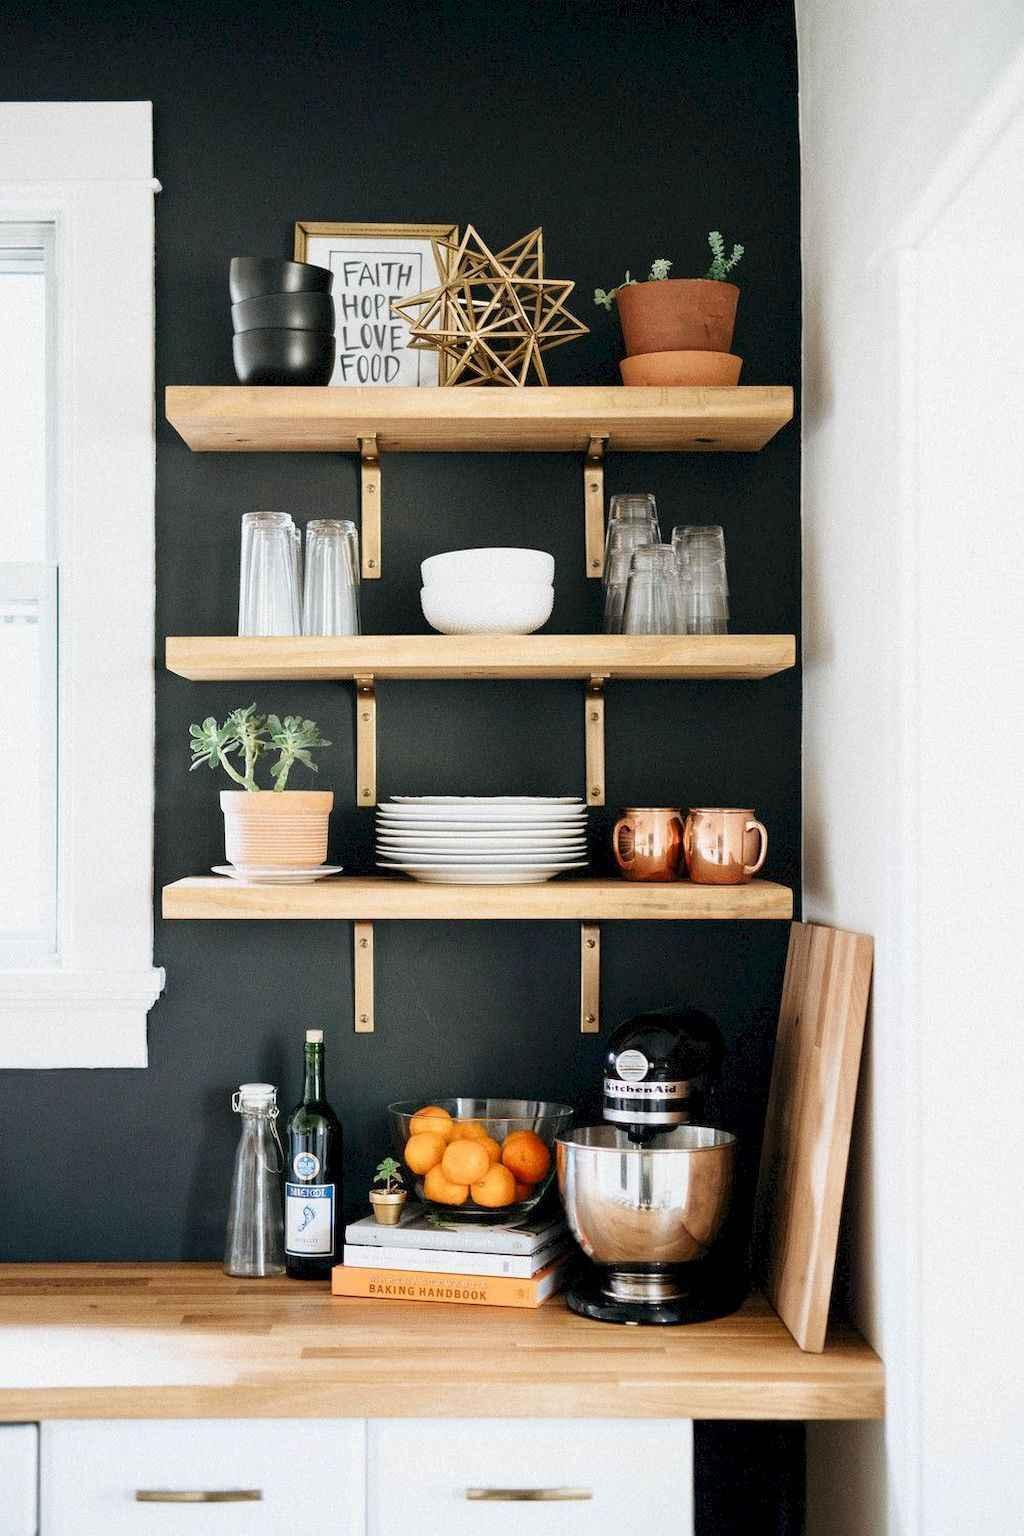 40 Genius Studio Apartment Ideas Decorating On A Budget (18)